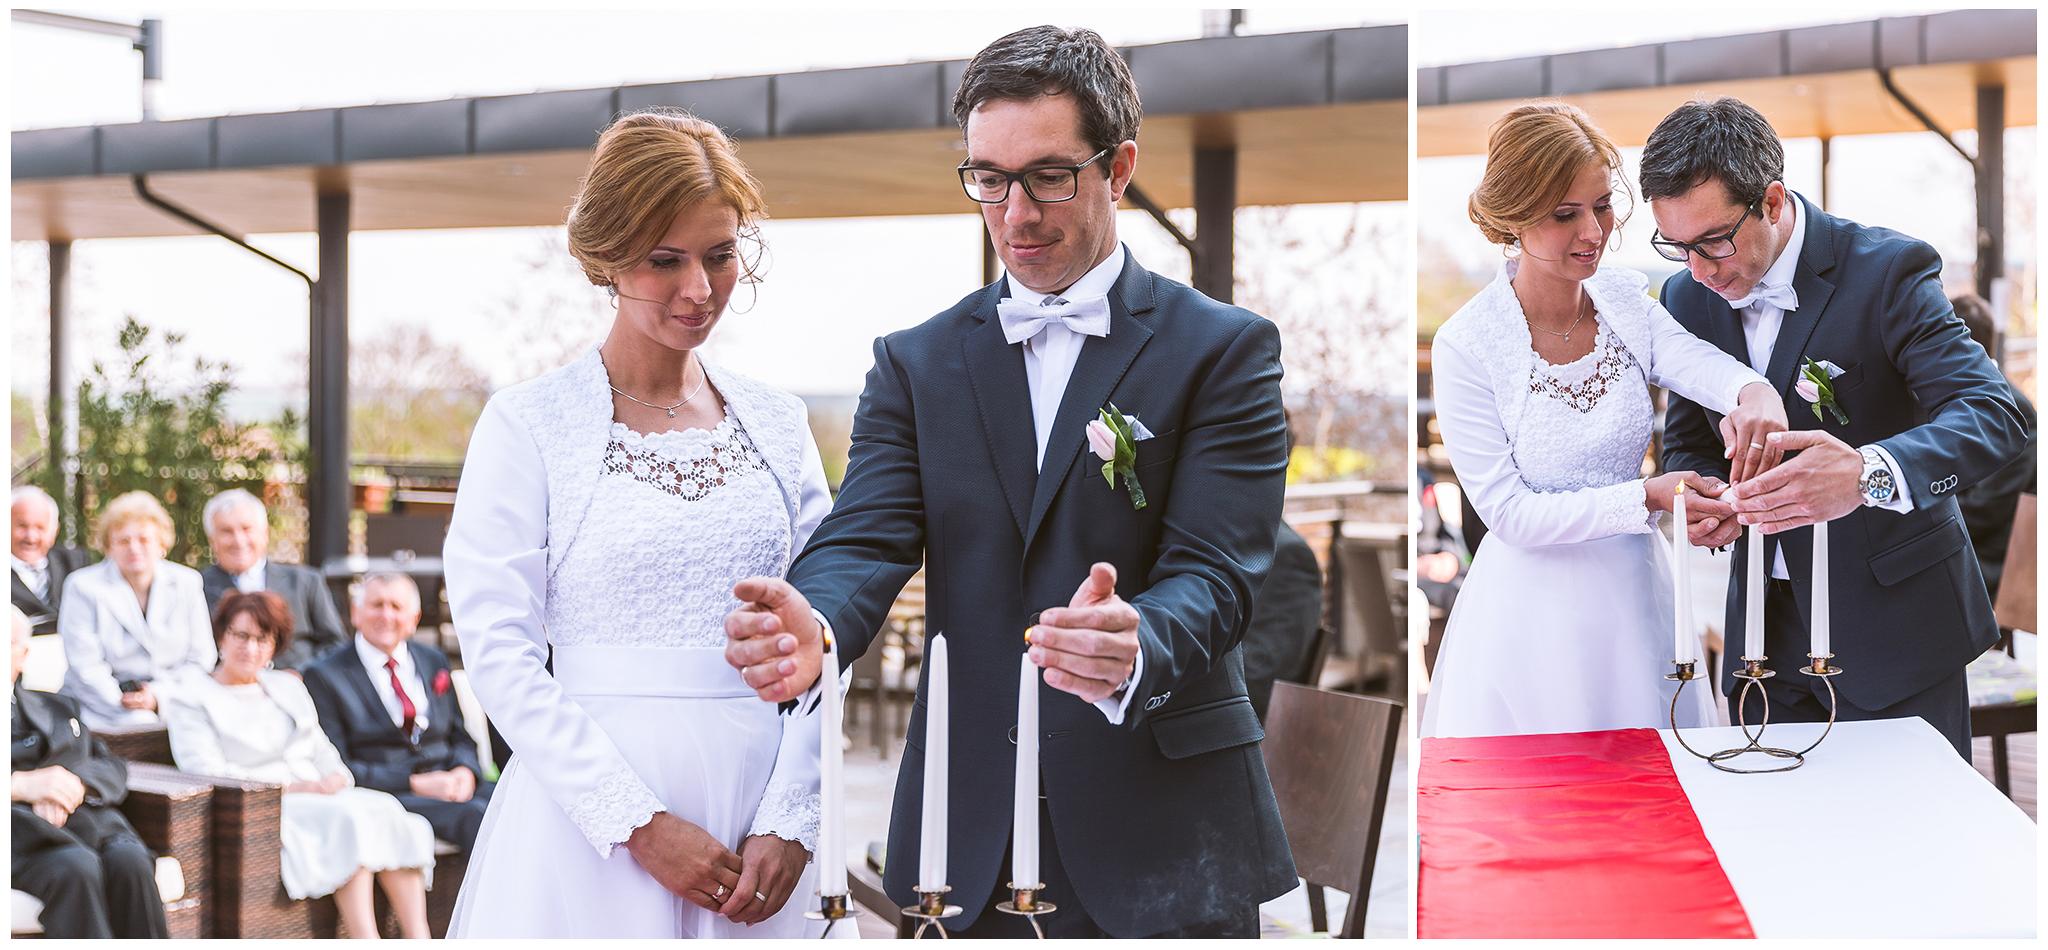 FylepPhoto, esküvőfotós, esküvői fotós Körmend, Szombathely, esküvőfotózás, magyarország, vas megye, prémium, jegyesfotózás, Fülöp Péter, körmend, kreatív, fotográfus_32.jpg